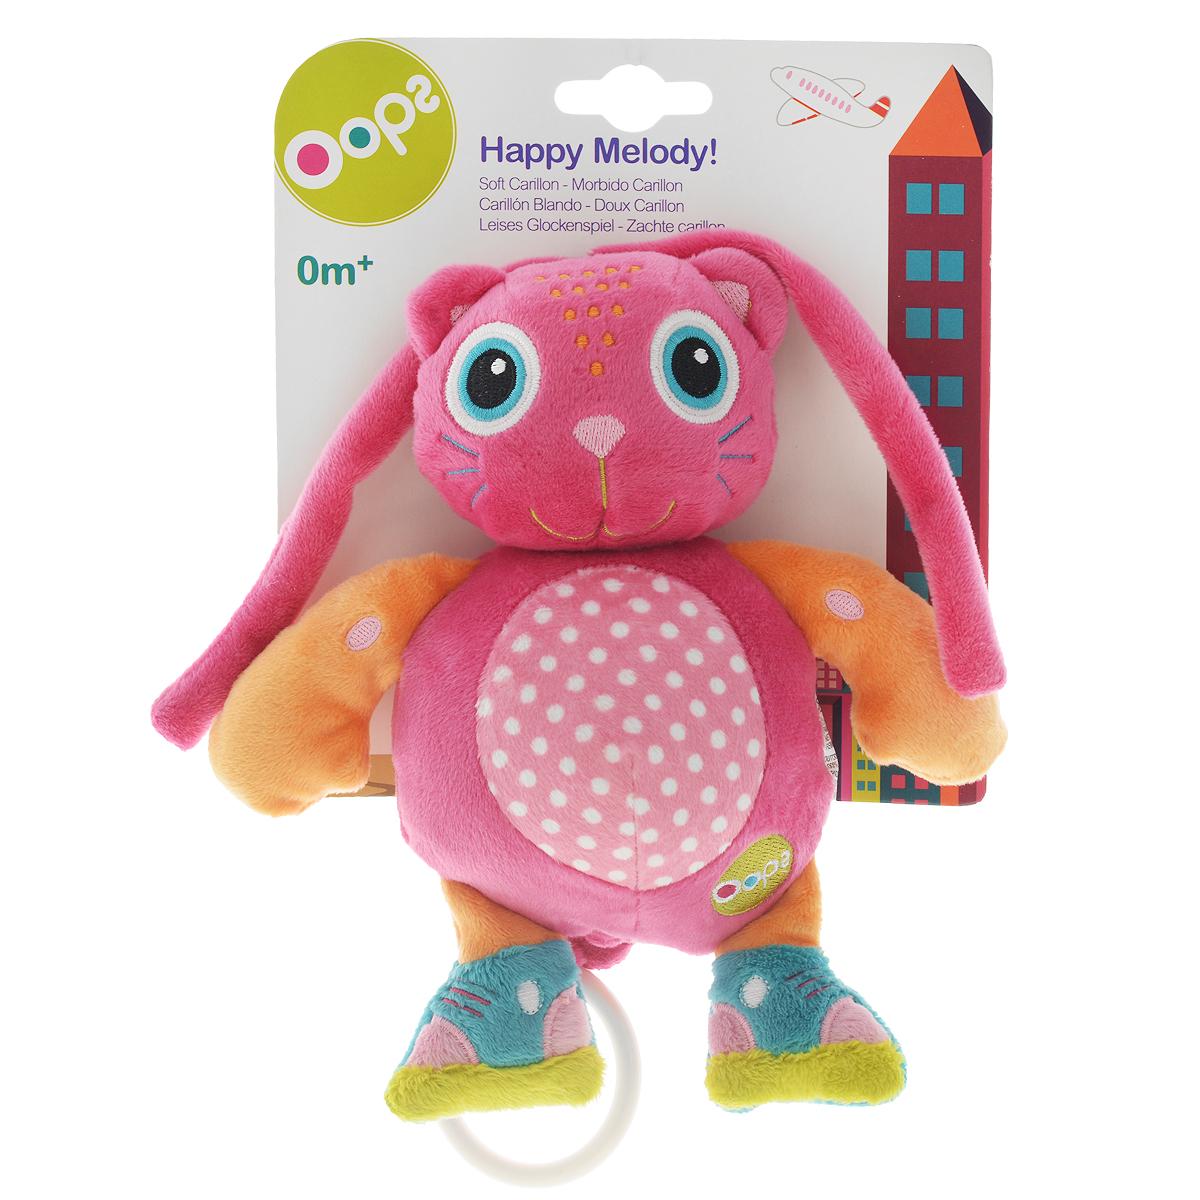 Музыкальная игрушка-подвеска OOPS КошкаO 12002.21Музыкальная игрушка-подвеска OOPS Кошка изготовлена из мягкого и приятного на ощупь текстиля ярких приятных тонов в виде милой кошечки. Если вы потяните за пластиковое кольцо вниз, малыш услышит негромкую успокаивающую мелодию, которая заменит наскучившие колыбельные и поможет ему заснуть. Подвеска выполнена из гипоаллергенного волокна. Крепится к кровати с помощью специальных веревочек. Игрушка-подвеска OOPS Кошка развивает слух, моторику, зрительно-цветовое восприятие и обладает релаксирующим воздействием.